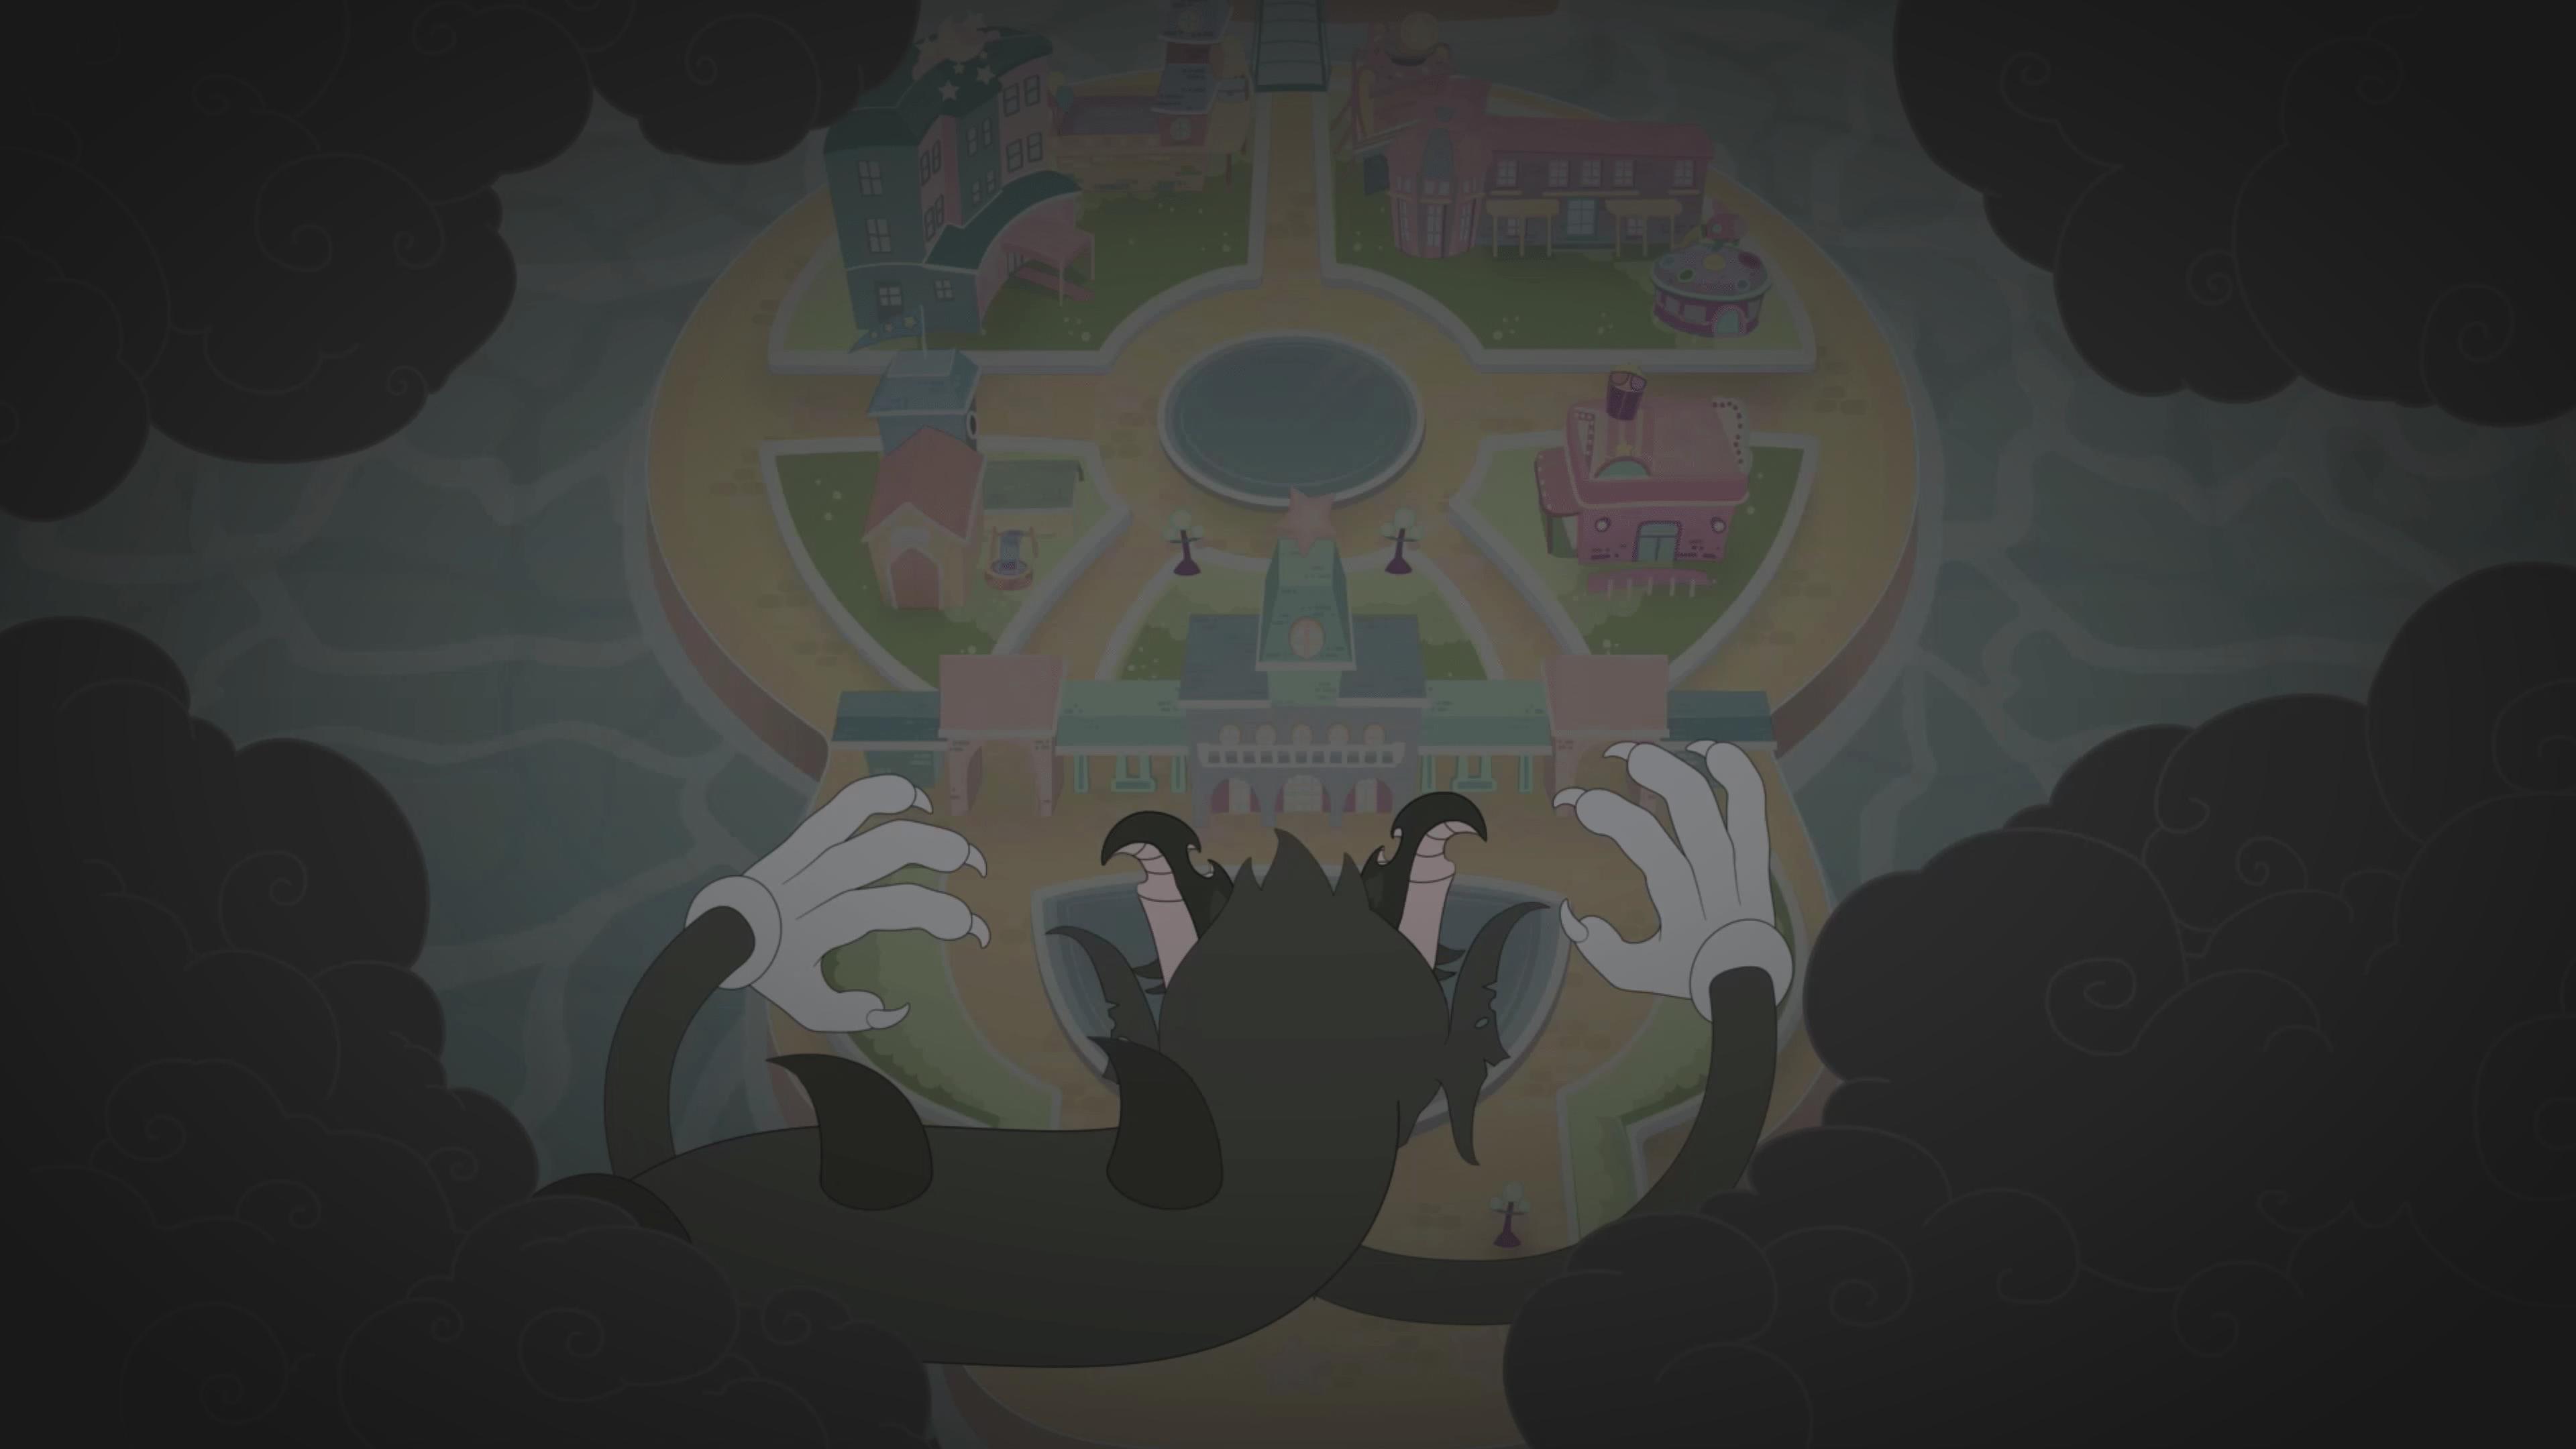 Le méchant Leviathan a volé les couleurs de votre monde et c'est à vous de les retrouver!